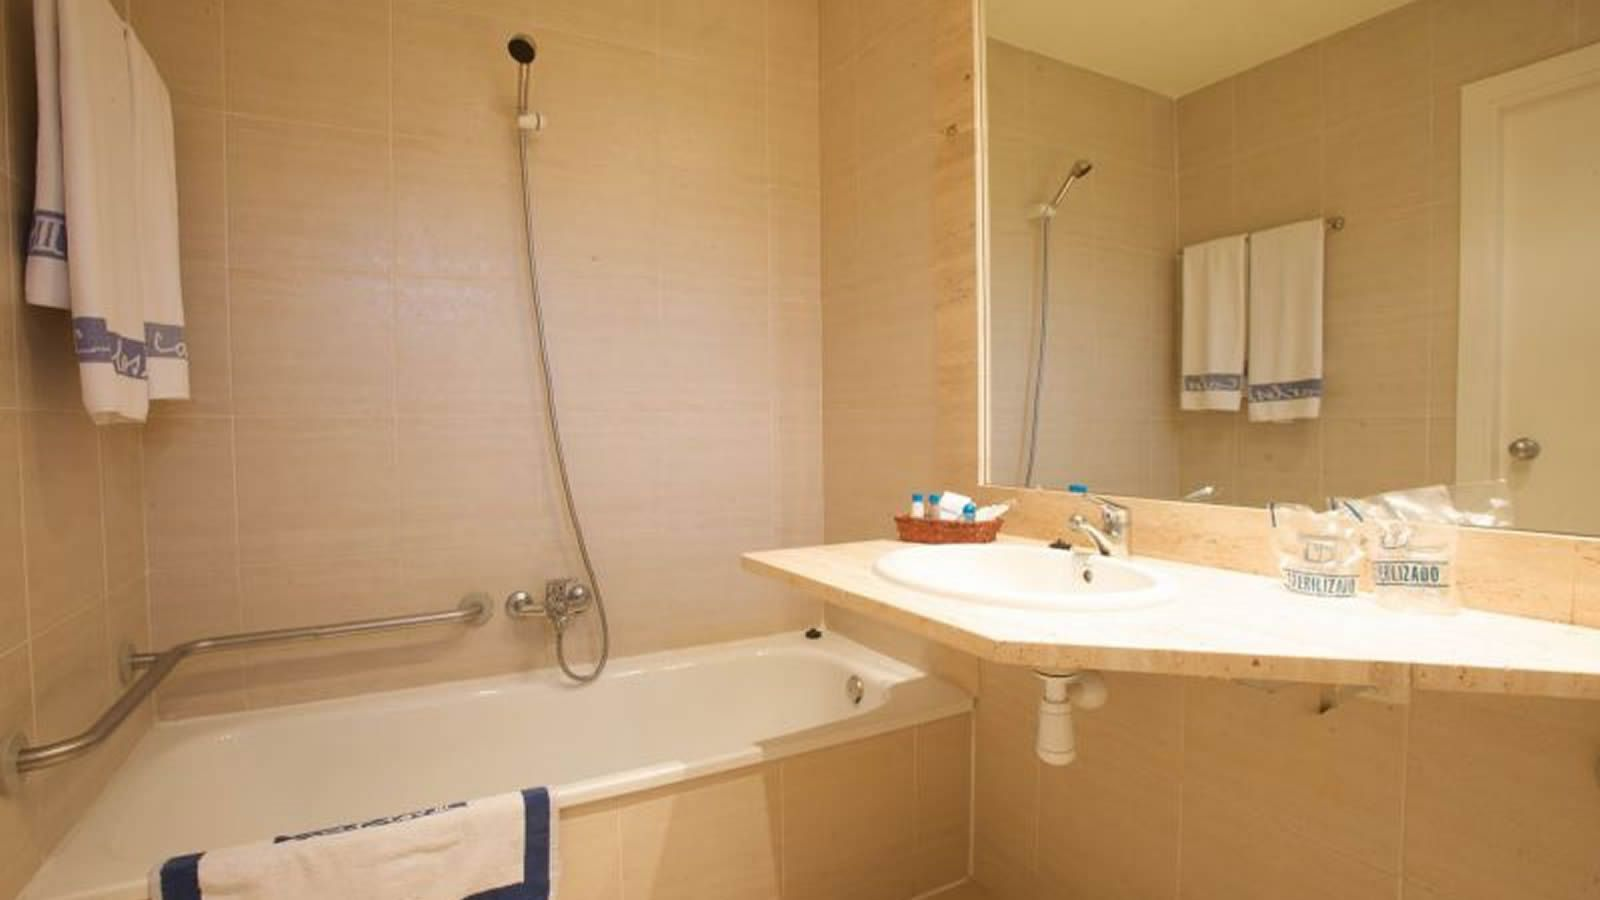 Habitación Adaptada del Hotel Carlos III en Alcanar - San Carlos de la Rápita - Delta del Ebro